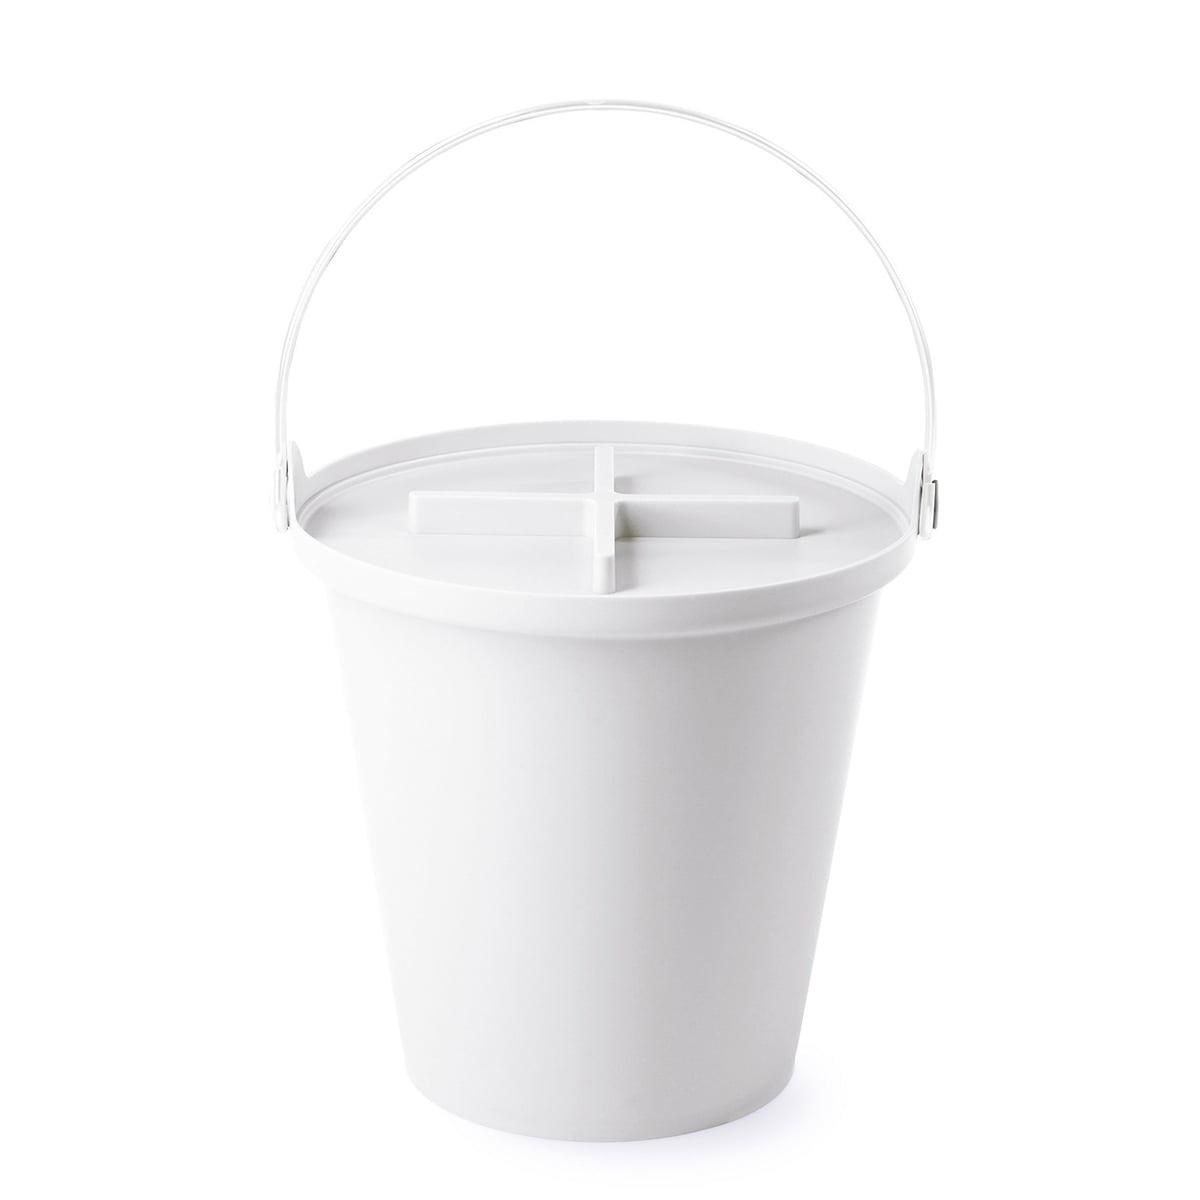 Authentics - H2O Eimer + Deckel, weiß / weiß | Küche und Esszimmer > Küchen-Zubehör > Mülleimer | Weiß | Polypropylen -  metall | authentics